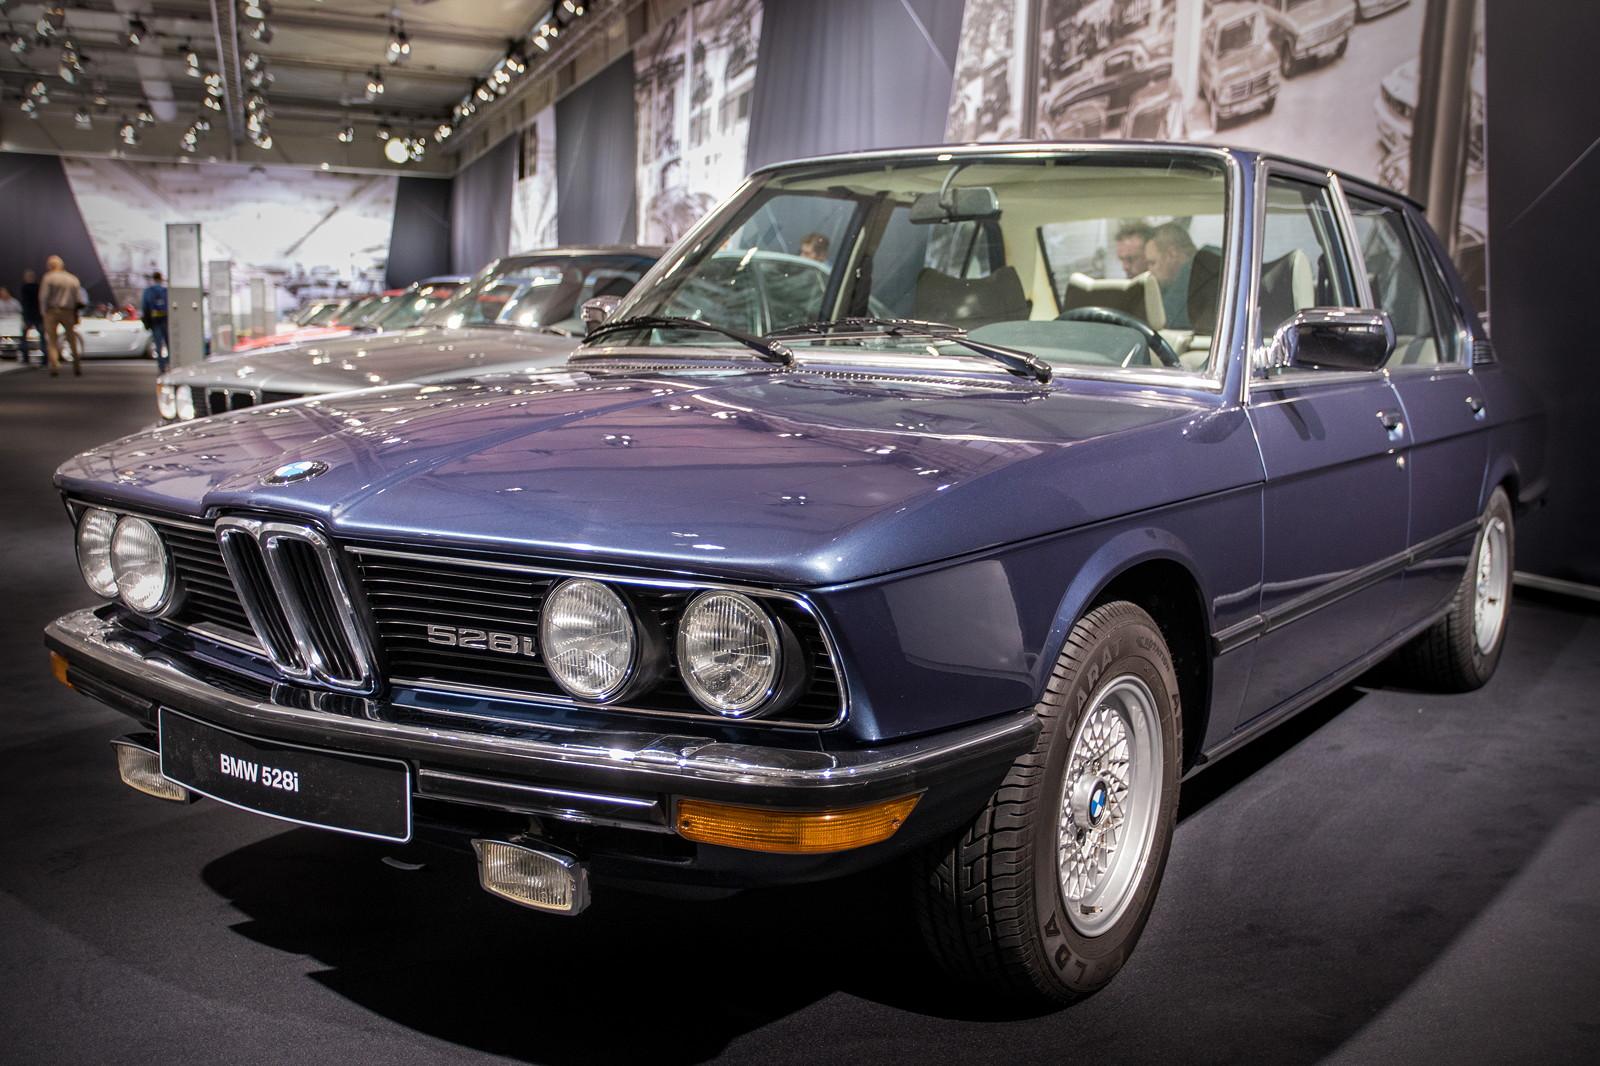 Foto: BMW 528i (E12) von Dr. Andreas Schwarz, ausgestellt von der ...